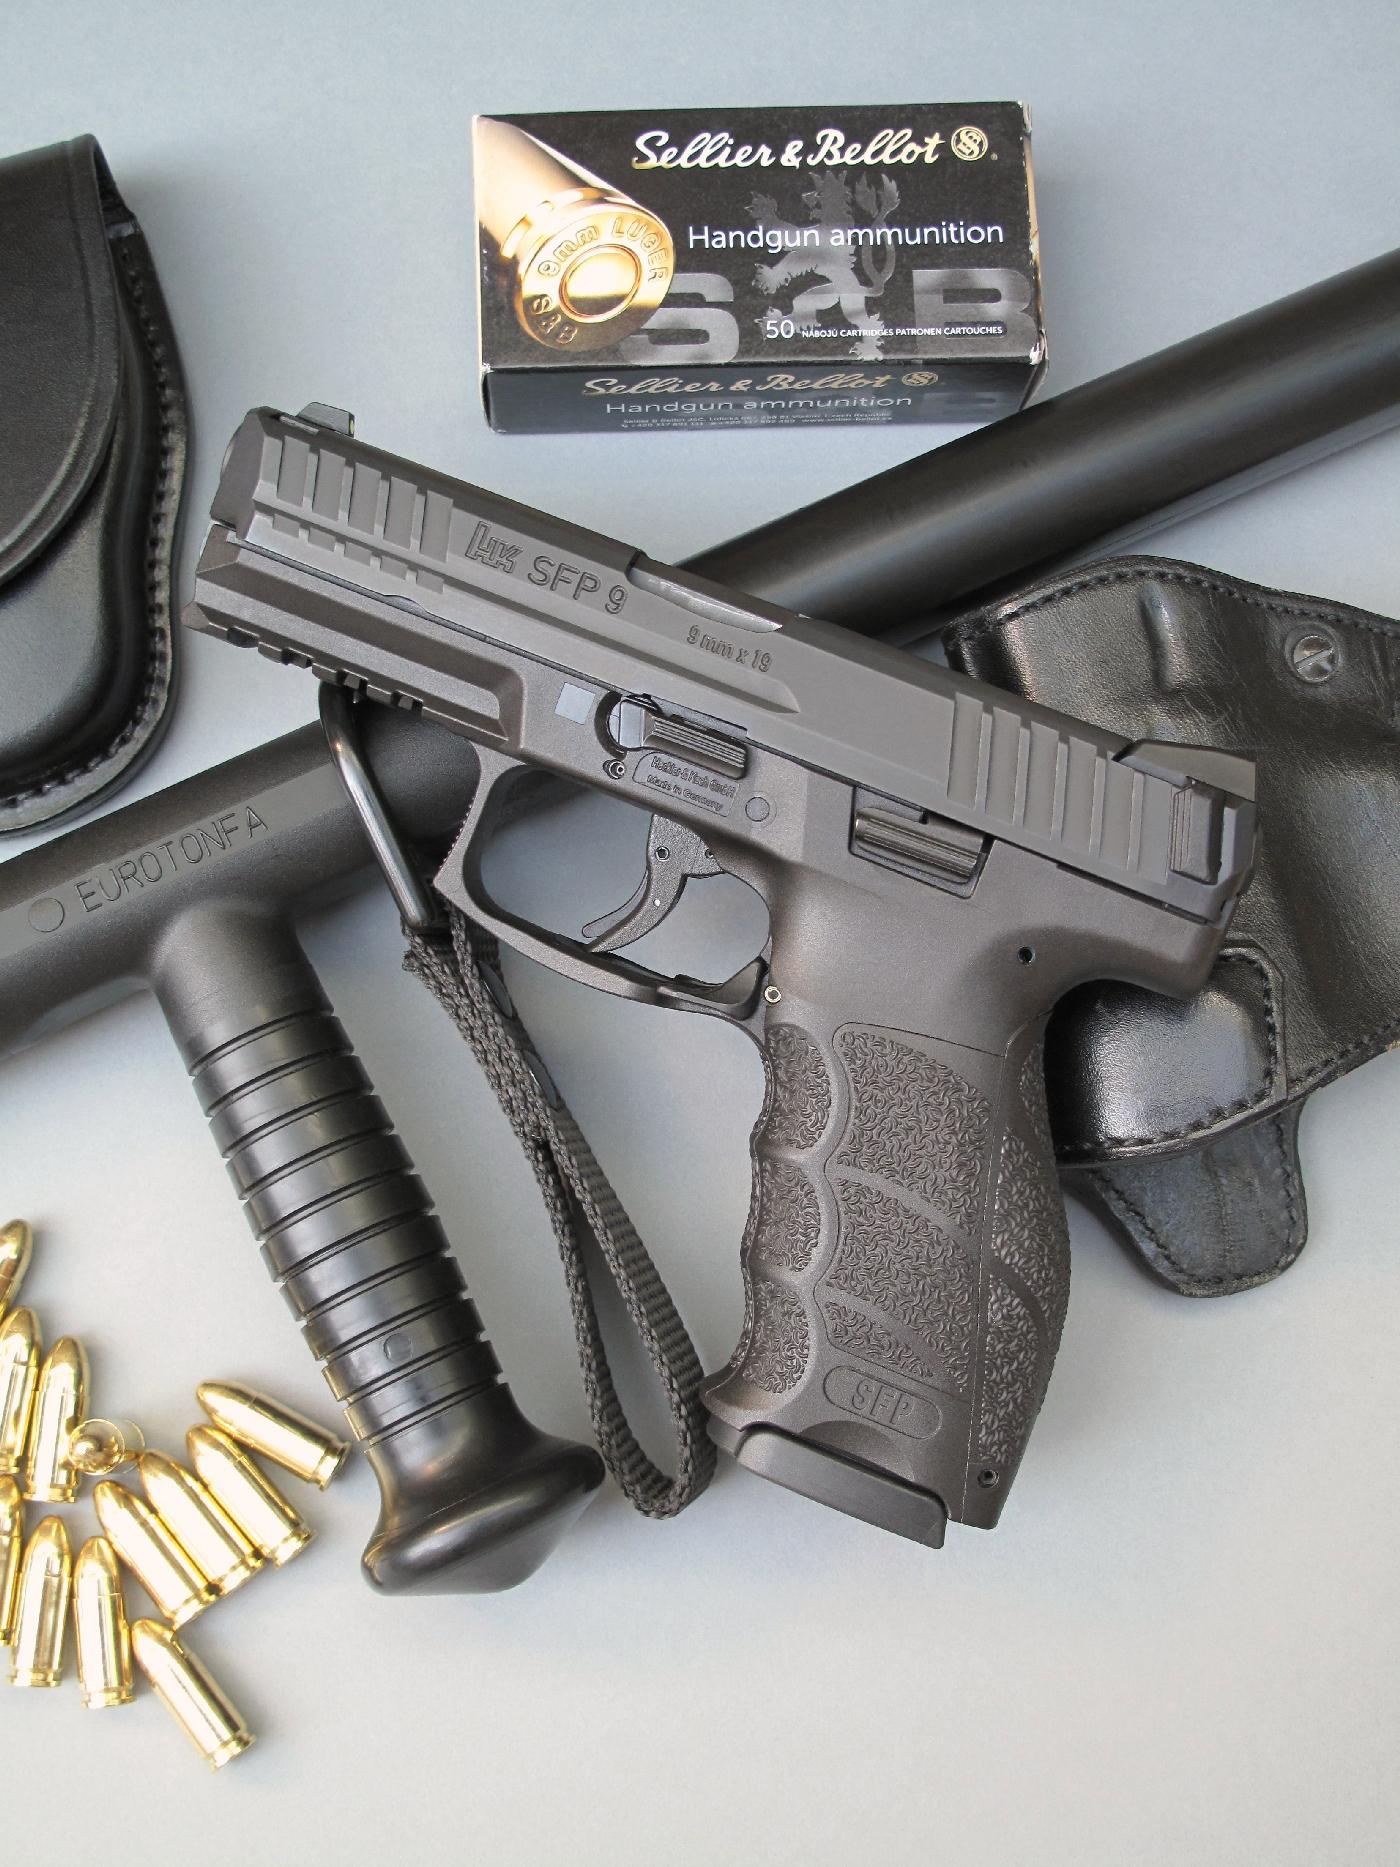 Le pistolet HK SFP 9 est accompagné ici par un holster en cuir (La Sellerie du Thymerais), un Tonfa en polypropylène (ESP) et une boîte de 50 cartouches de calibre 9 mm Parabellum manufacturées par la firme Sellier & Bellot.